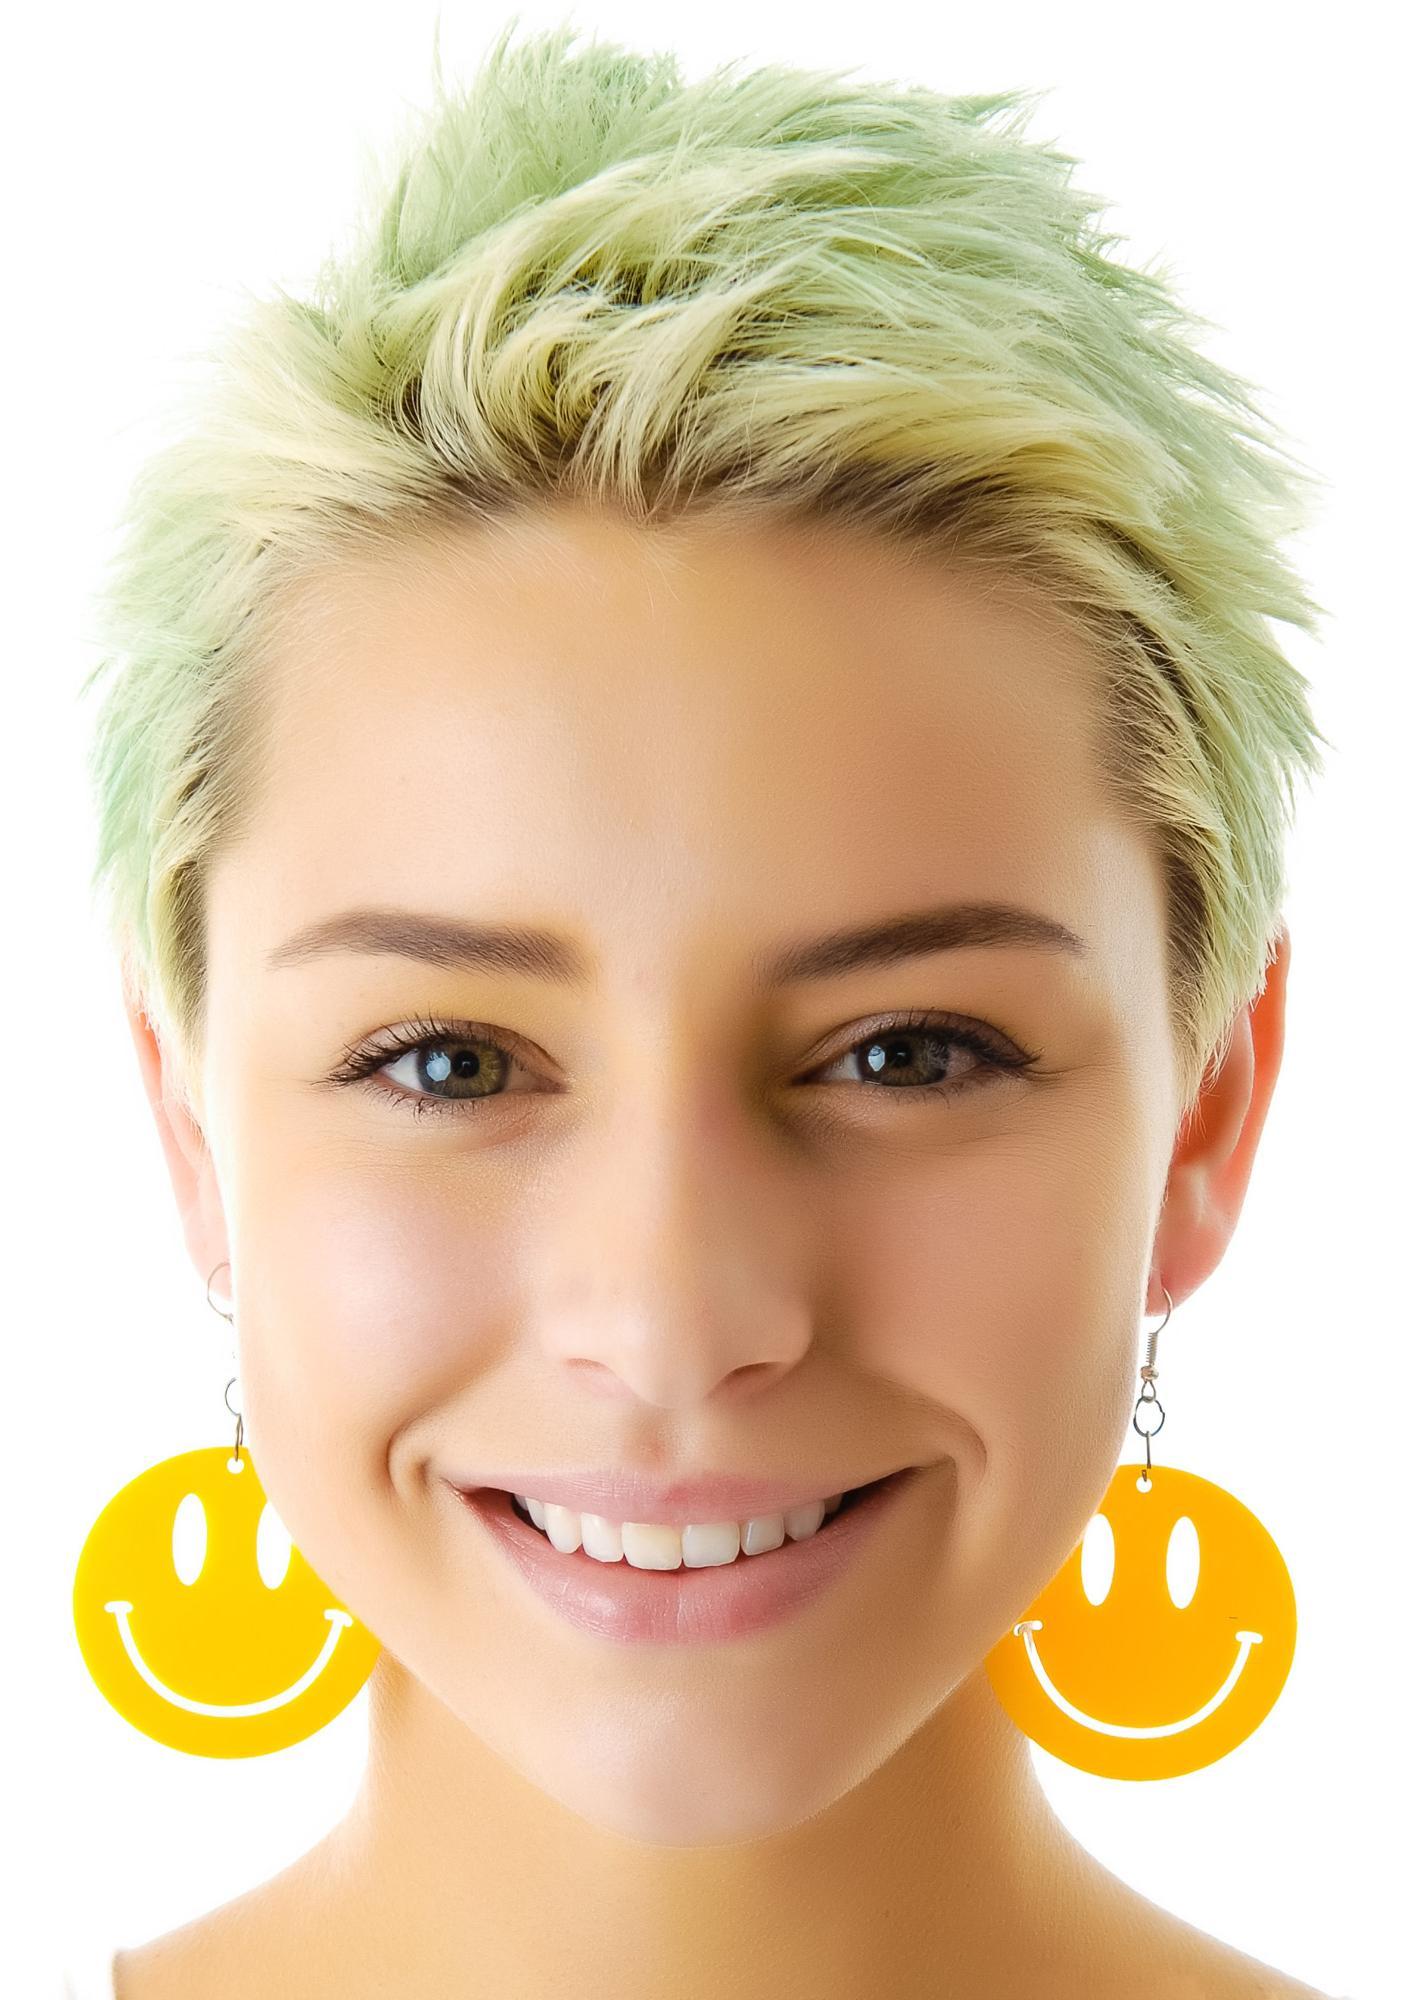 Suzywan Deluxe Mr. Nice Guy Smiley Face Earrings